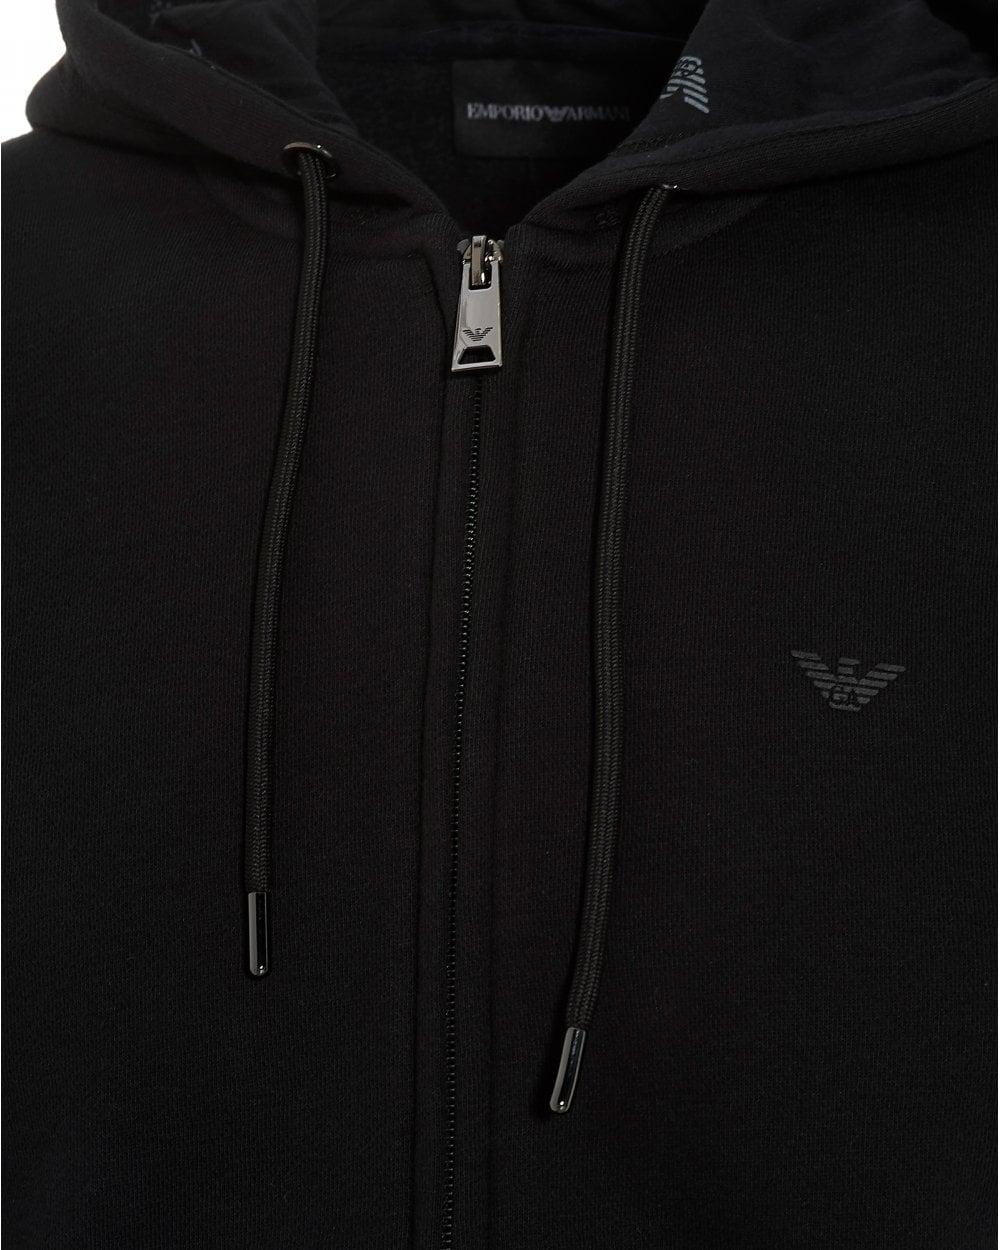 cf415d5f Emporio Armani Mens Zip Logo Hoodie, Black Hooded Sweatshirt